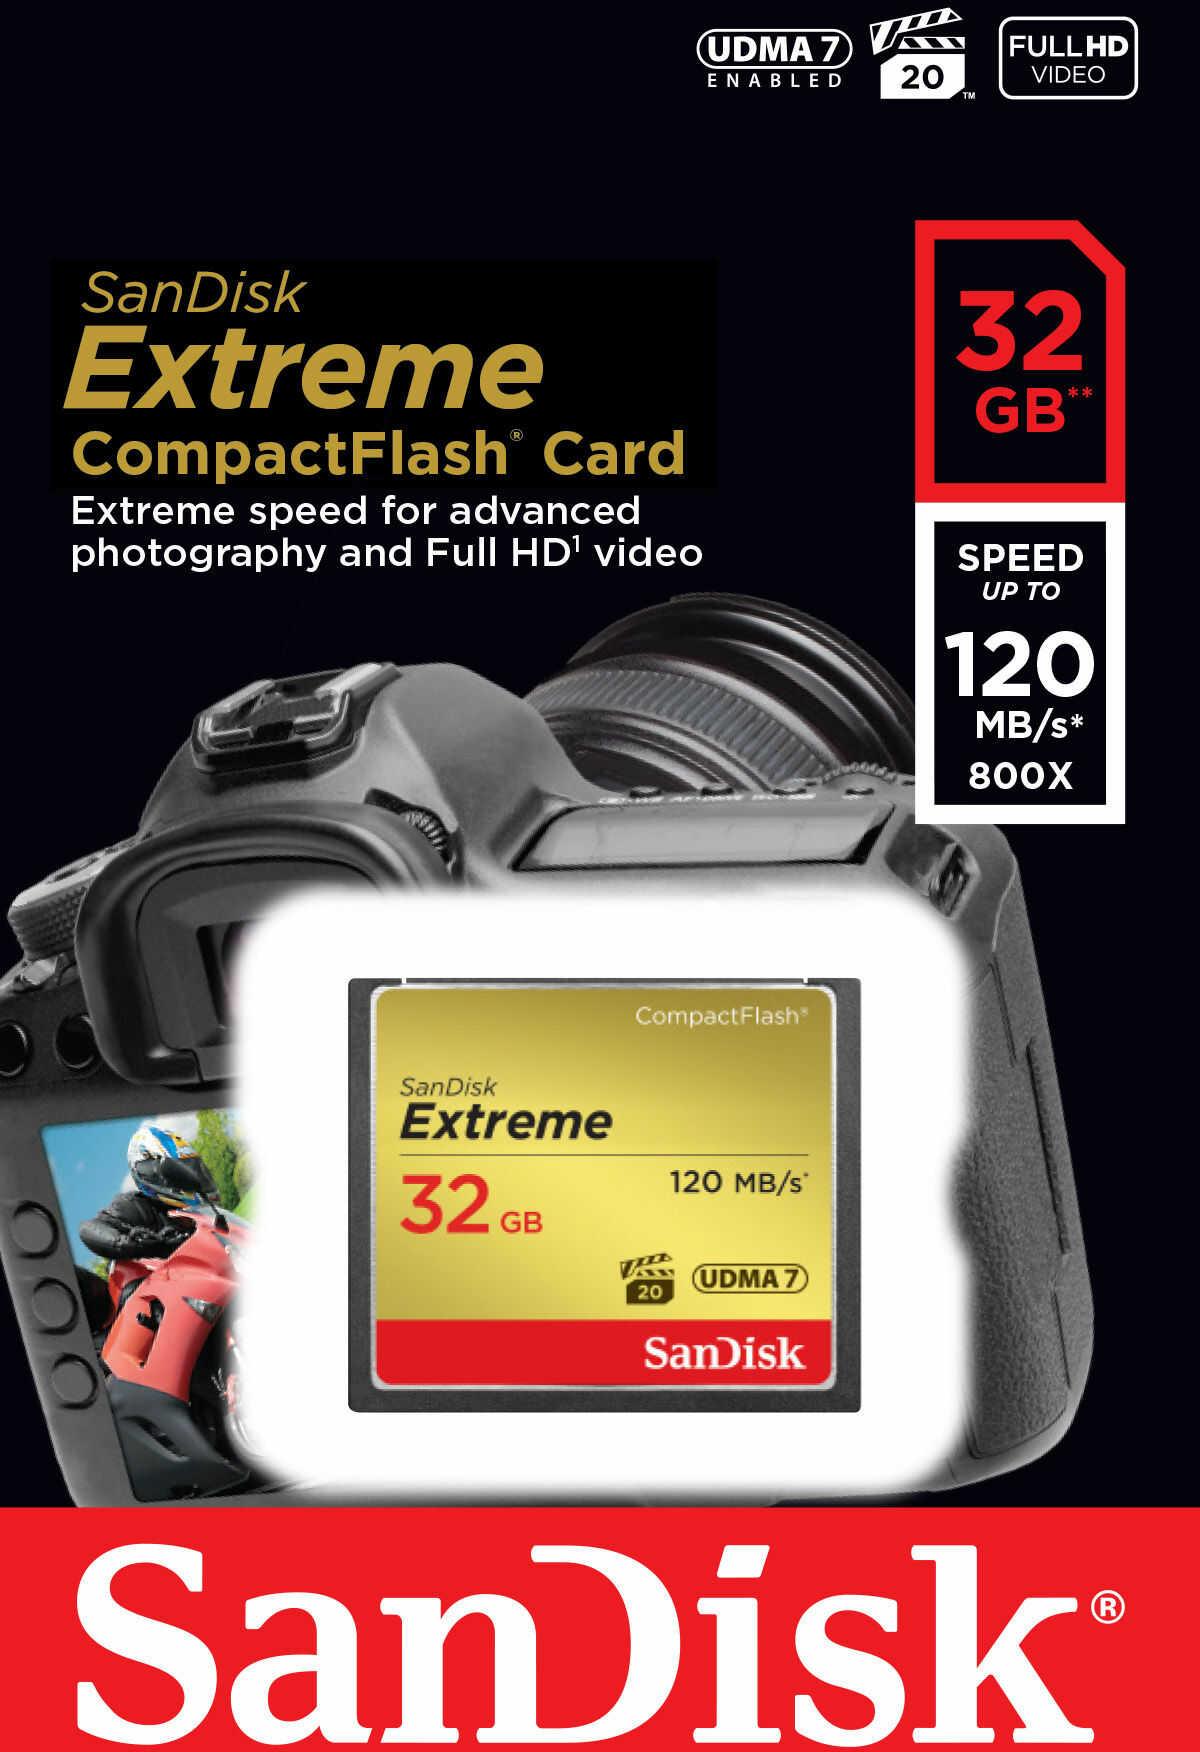 SanDisk SDCFXSB-032G-G46 - KARTA EXTREME CF 32 GB 120/85MB/s SanDisk SDCFXSB-032G-G46 - KARTA EXTREME CF 32 GB 120/85MB/s